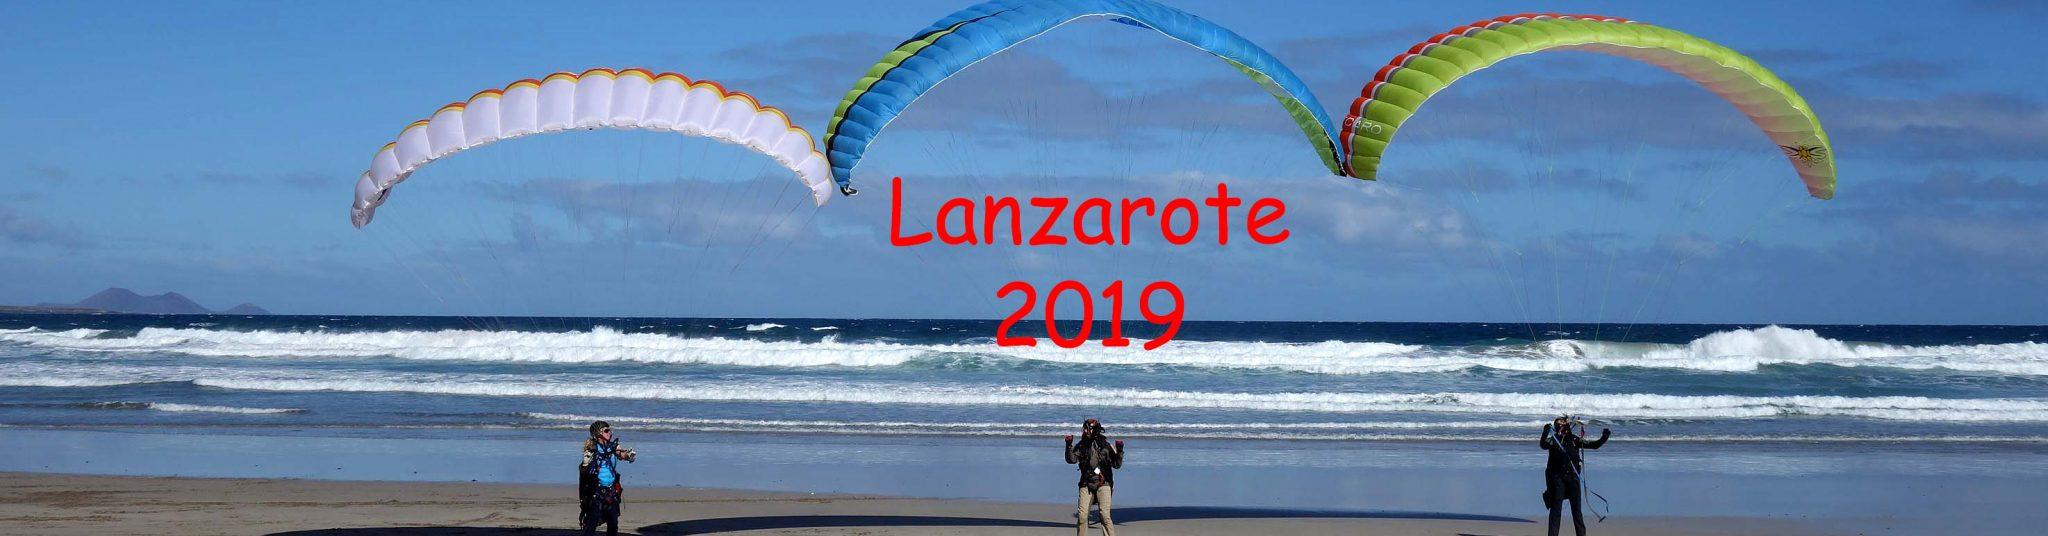 Flugreise Lanzarote